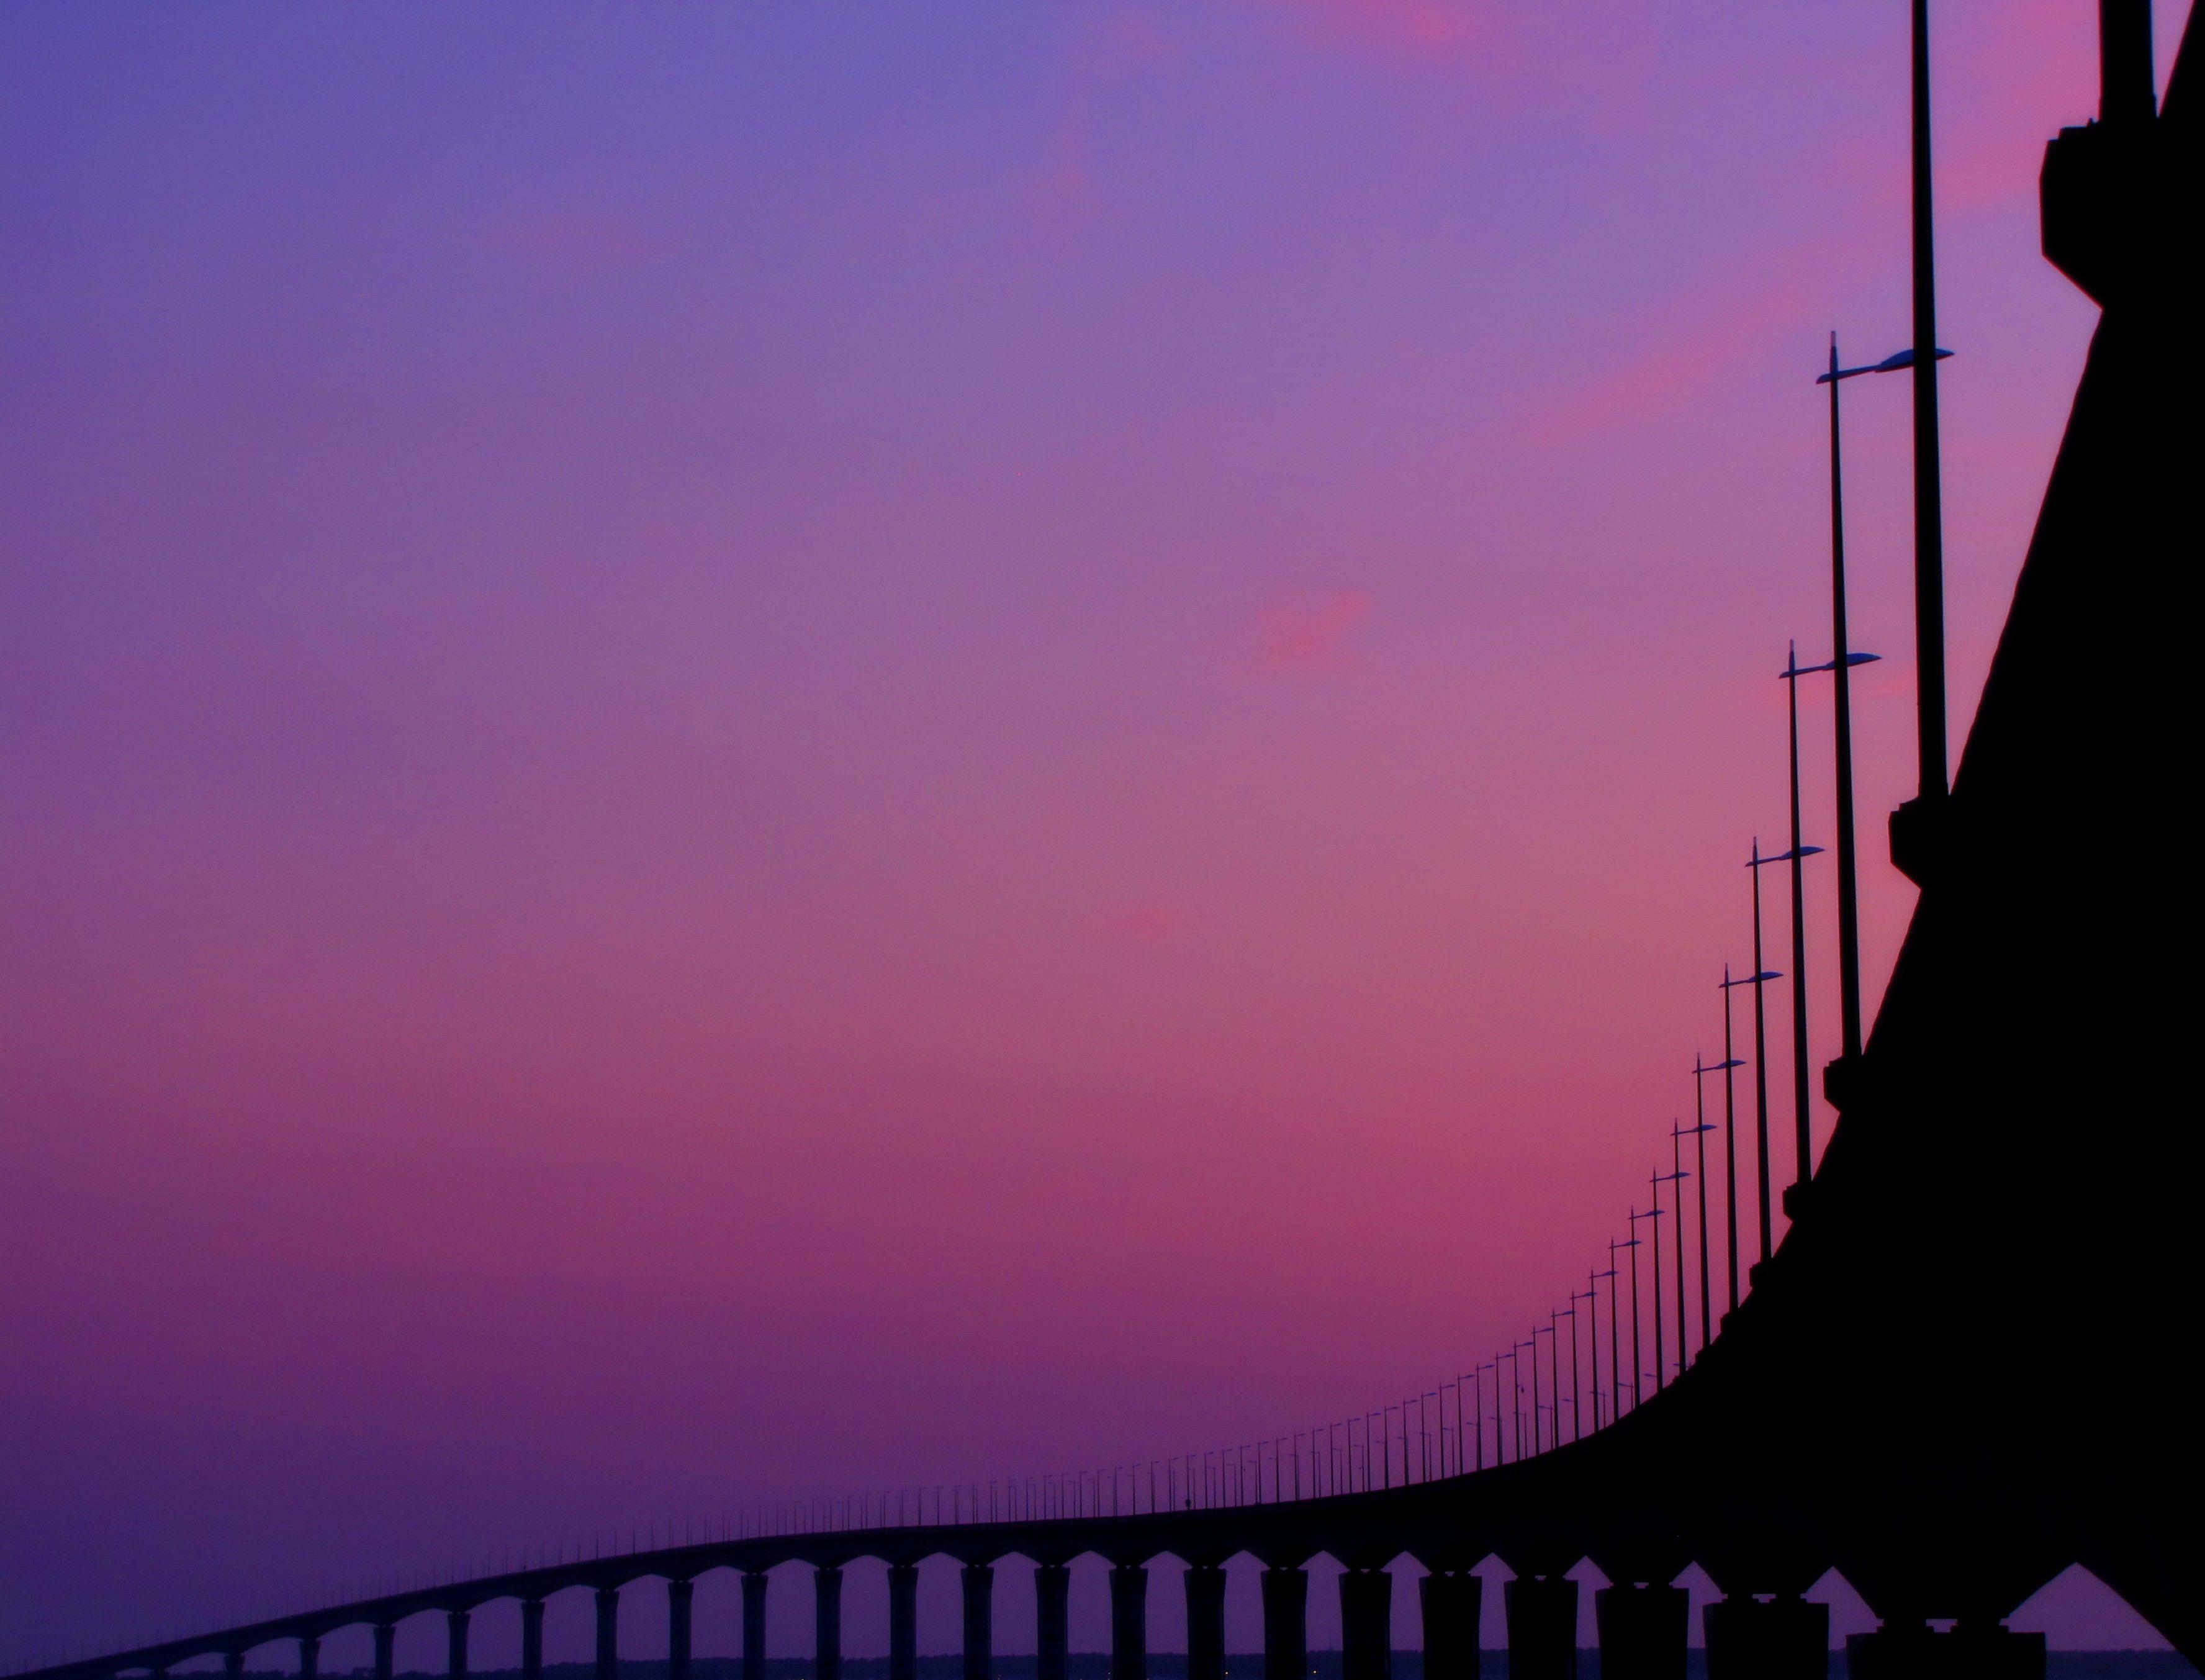 Pont de l'ile de ré - Purple version